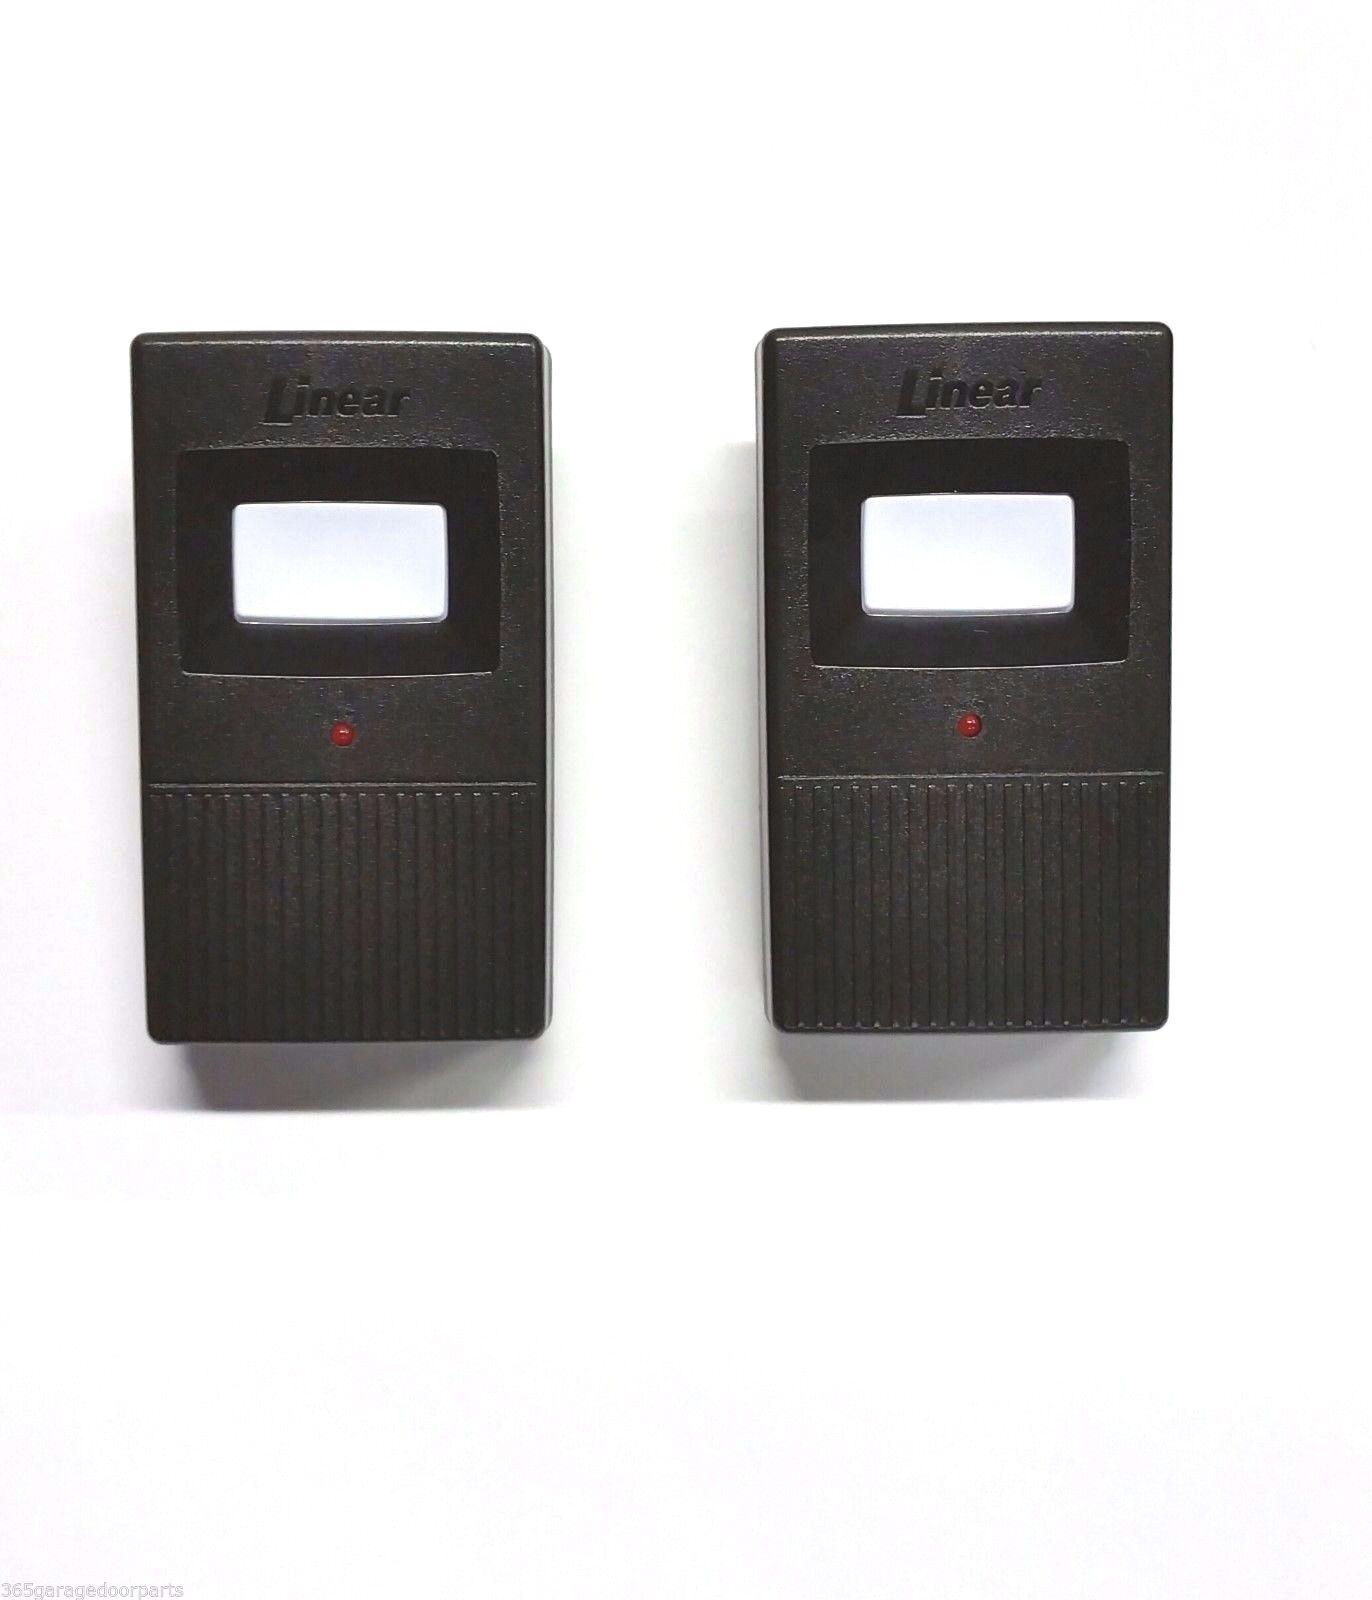 delta 3 receiver dnr00001 manual